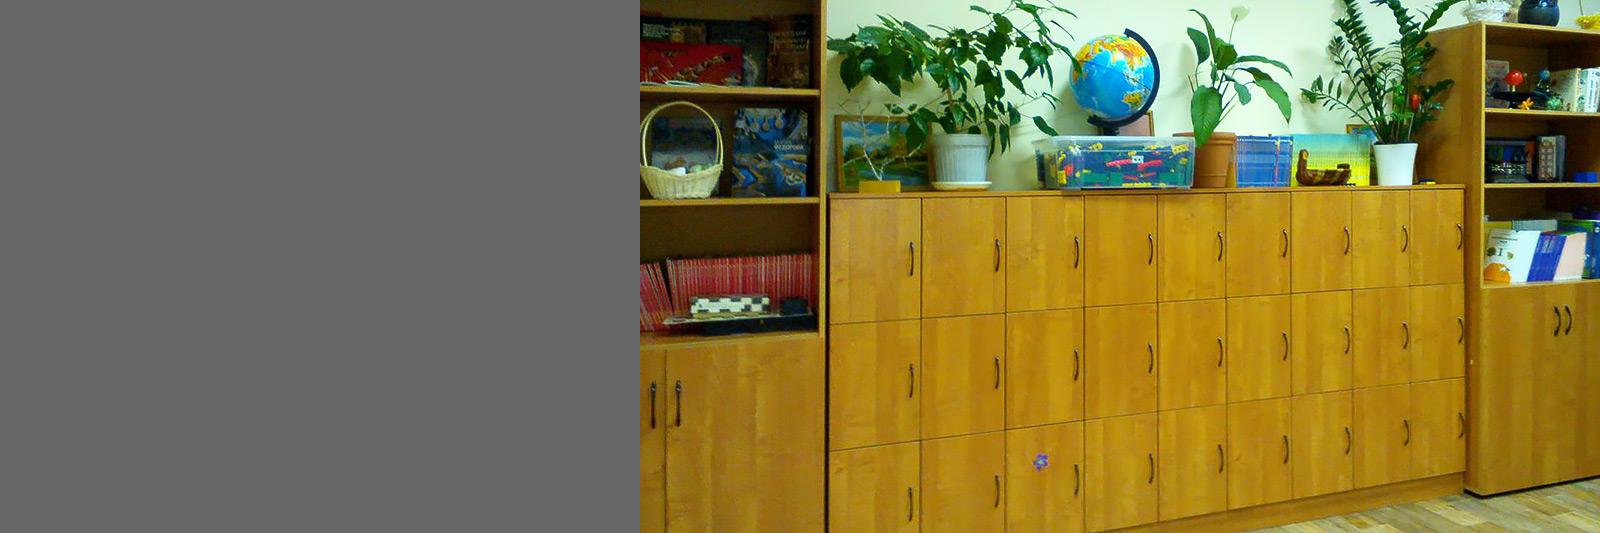 Школьные шкафы с ячейками на заказ от производителя атрима-м.